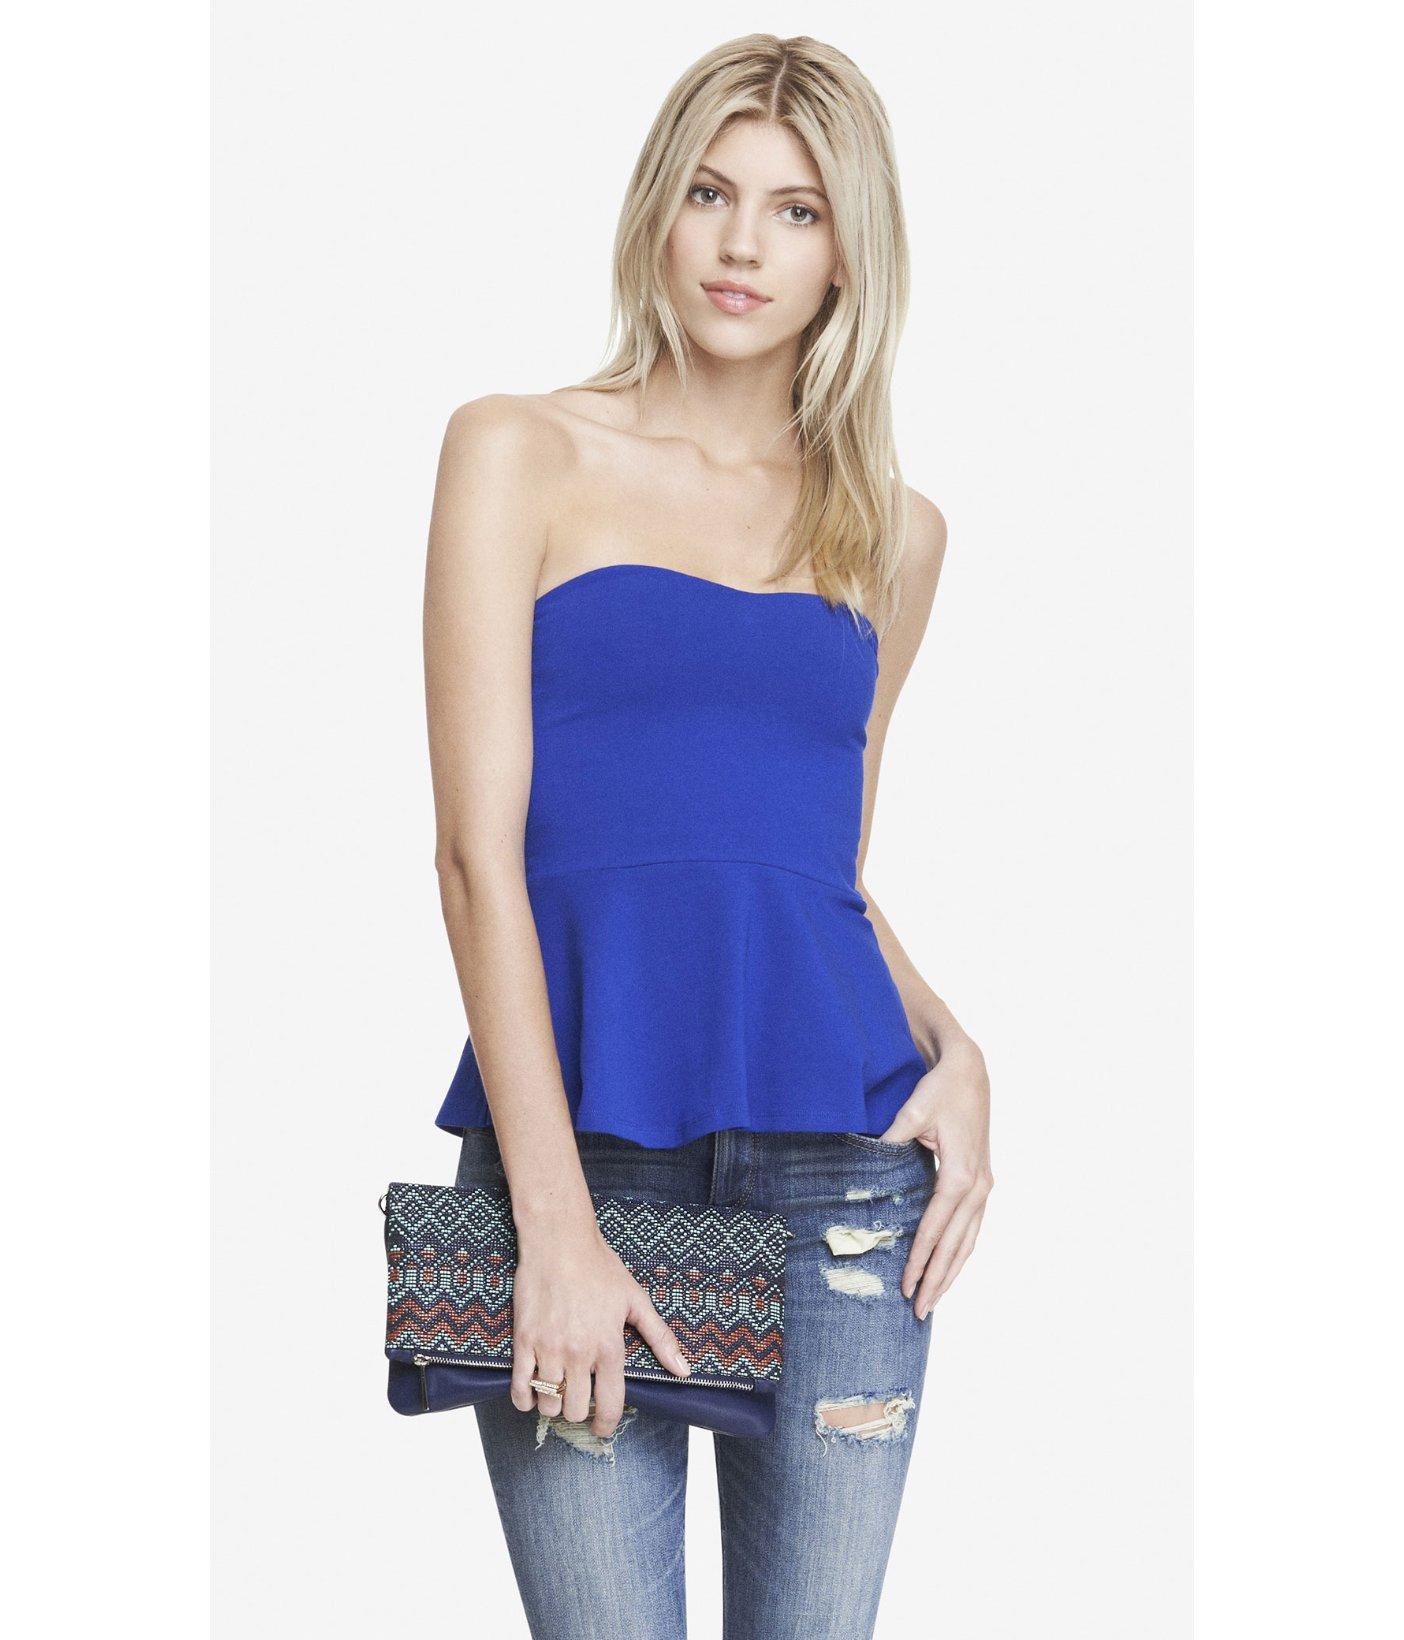 Cute Strapless Top - Navy Blue Top - Peplum Top - $36.00 |Blue Tube Top Dress